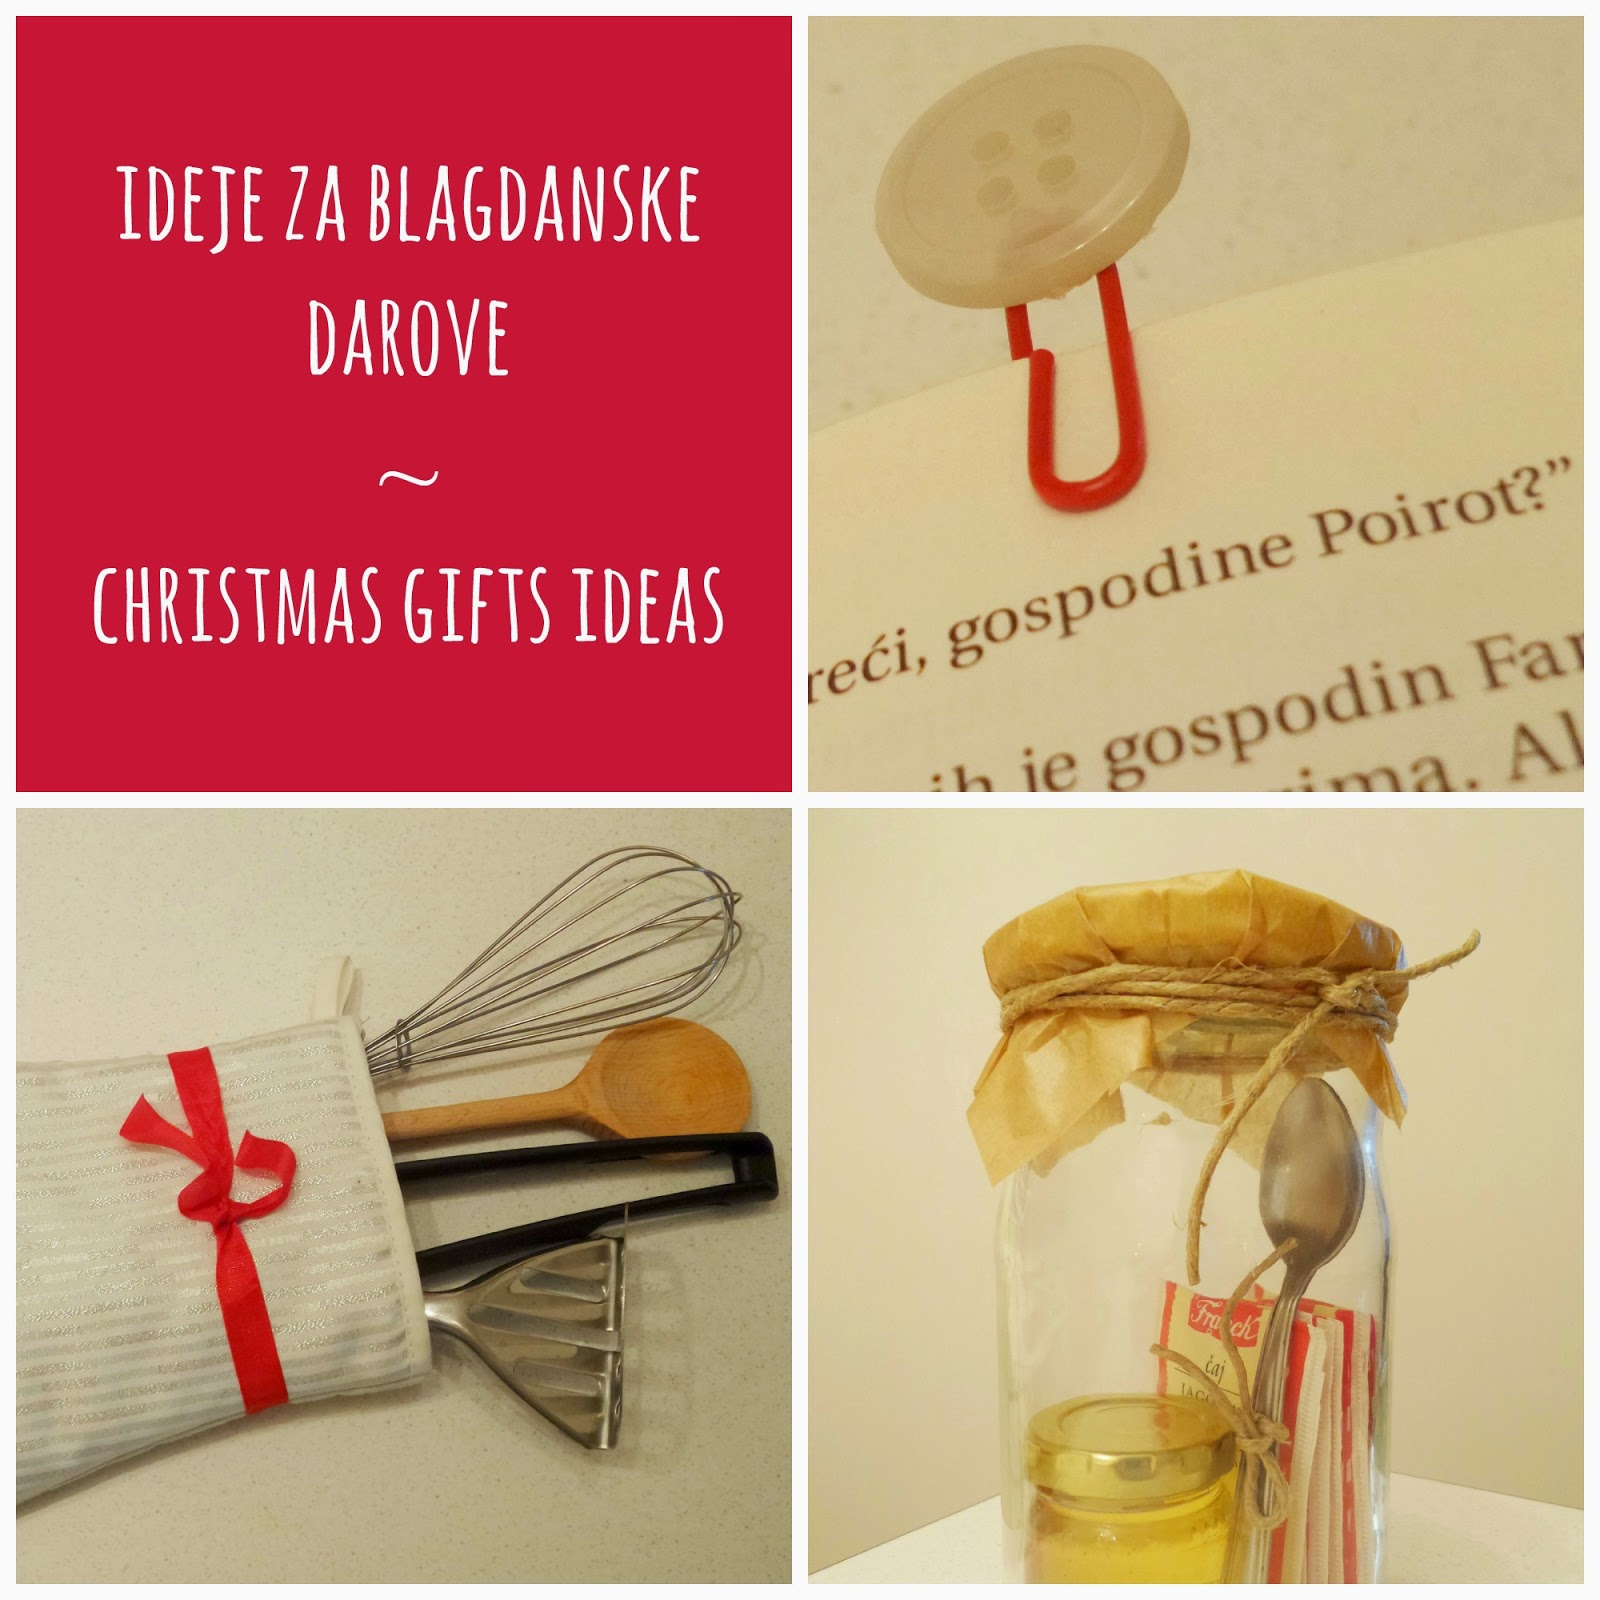 Organizirajte se!: Ideje za božićne darove